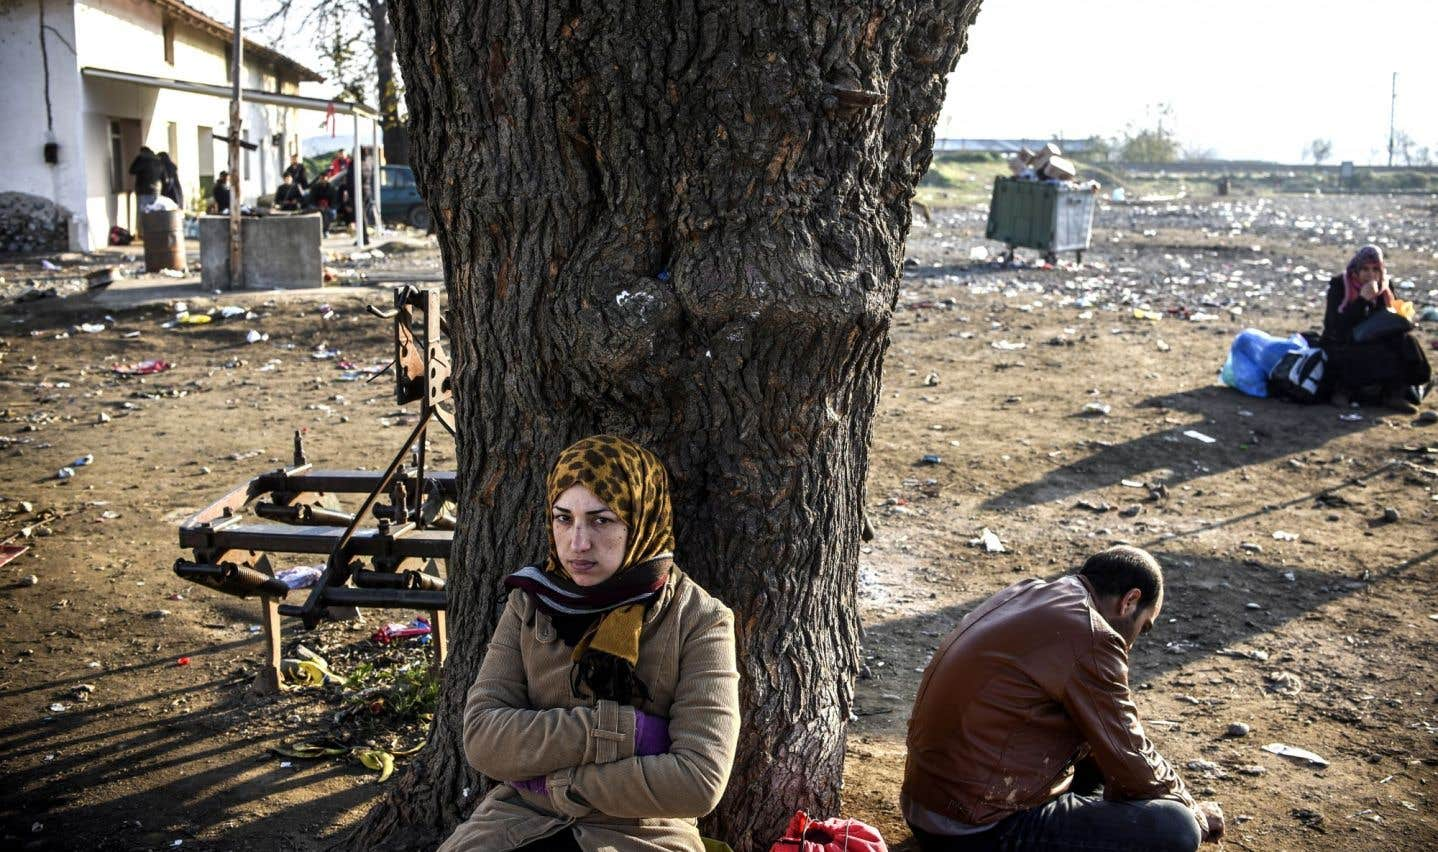 Même si de nombreuses familles syriennes bénéficient de l'aide du Québec pour venir au Québec grâce au parrainage, d'autres sont obligées de prendre la route et de traverser plusieurs pays pour arriver à leur destination.